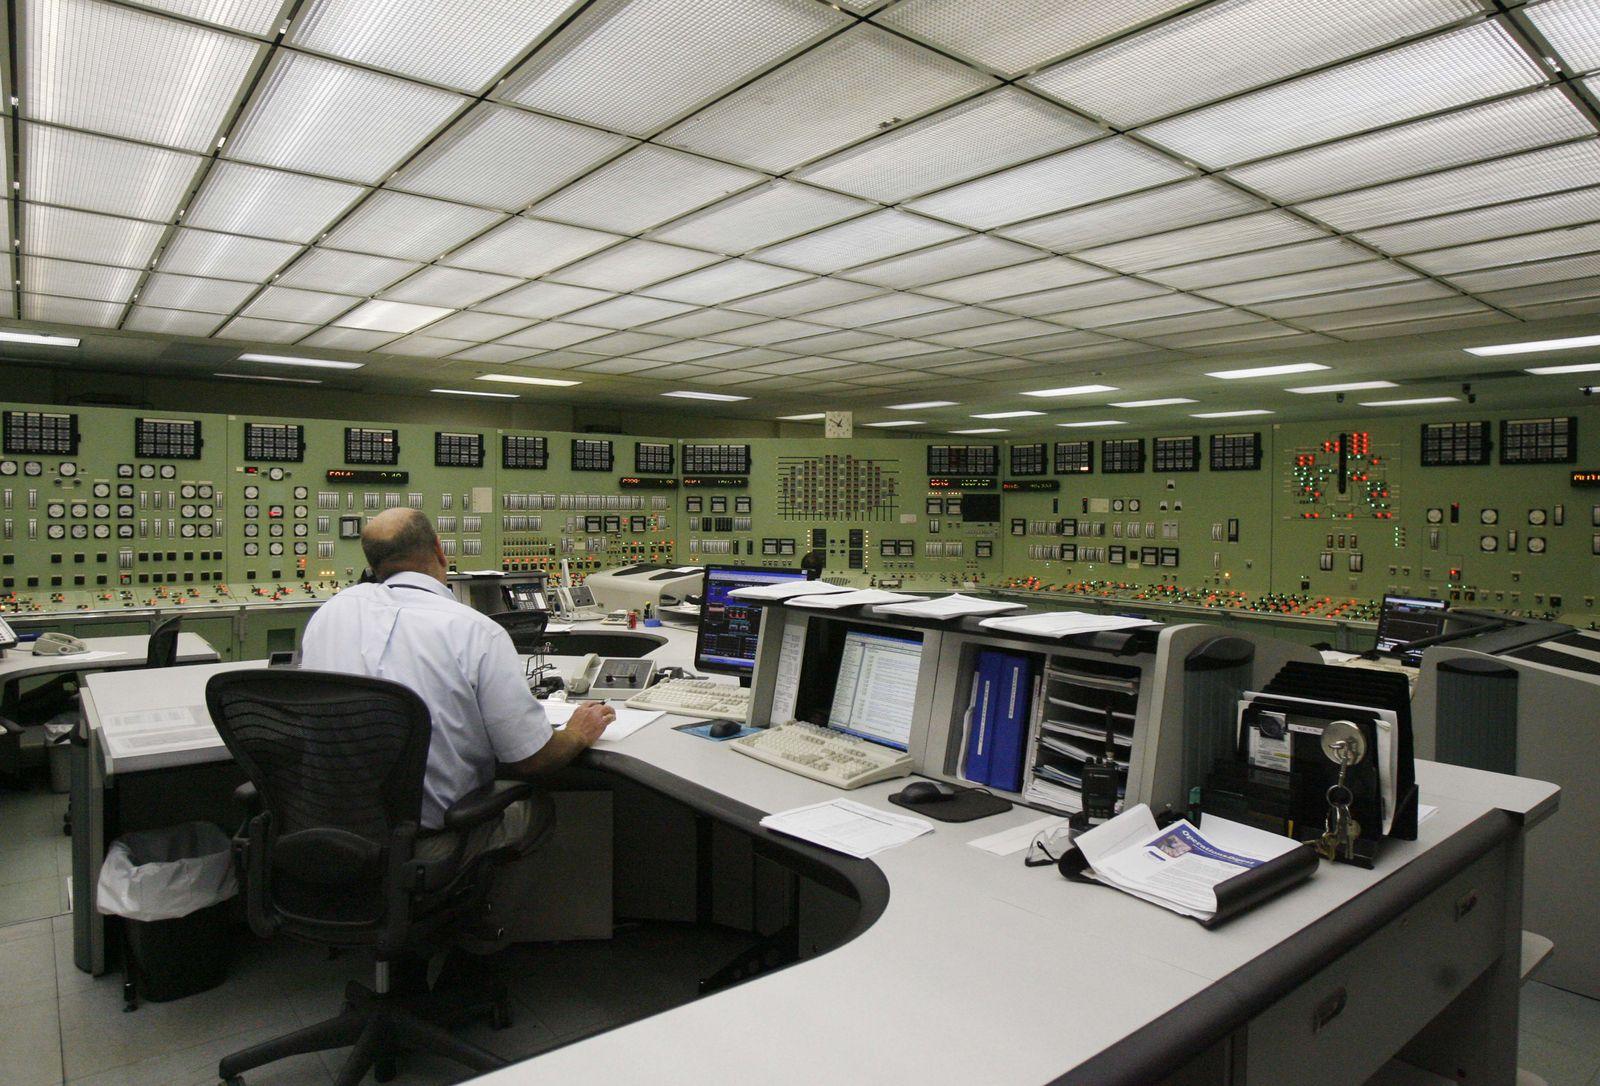 Atomkraftwerk/USA/Vermont Yankee